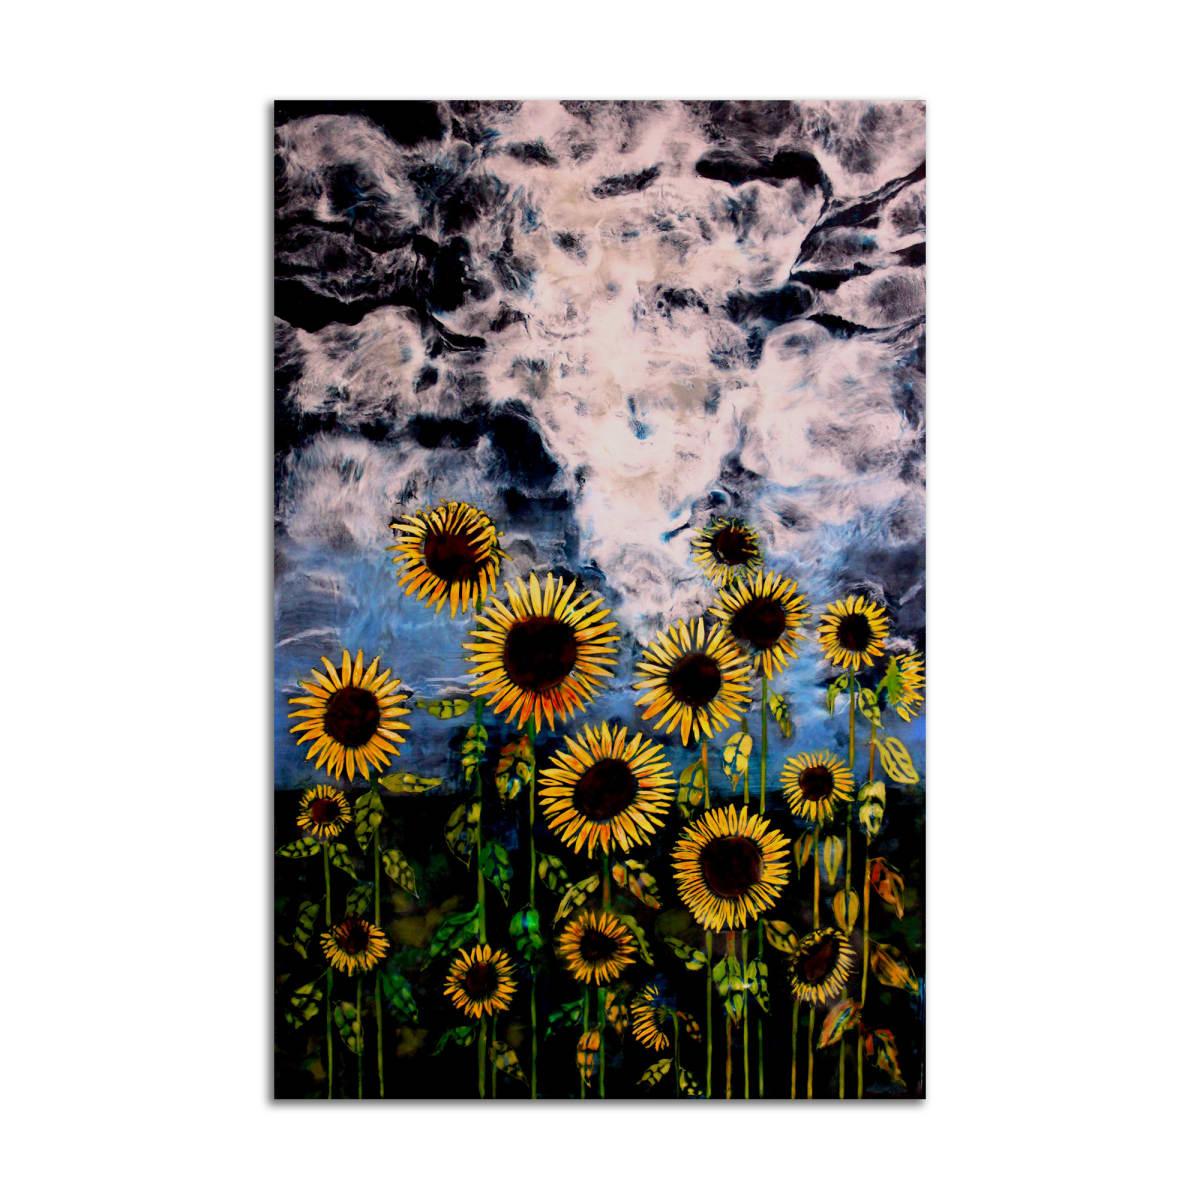 Sunflower Storm by T.D. Scott